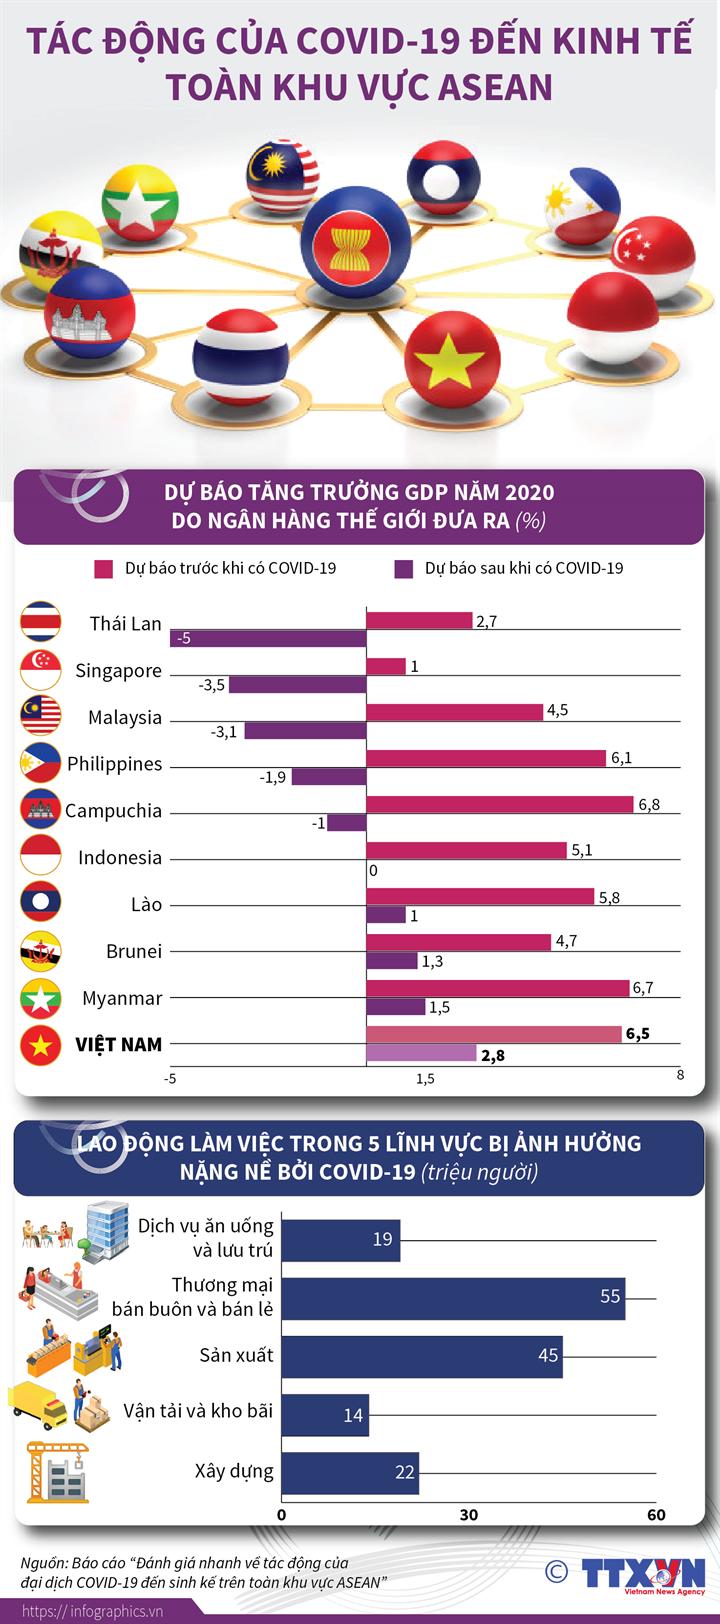 Tác động của COVID-19 đến kinh tế toàn khu vực ASEAN